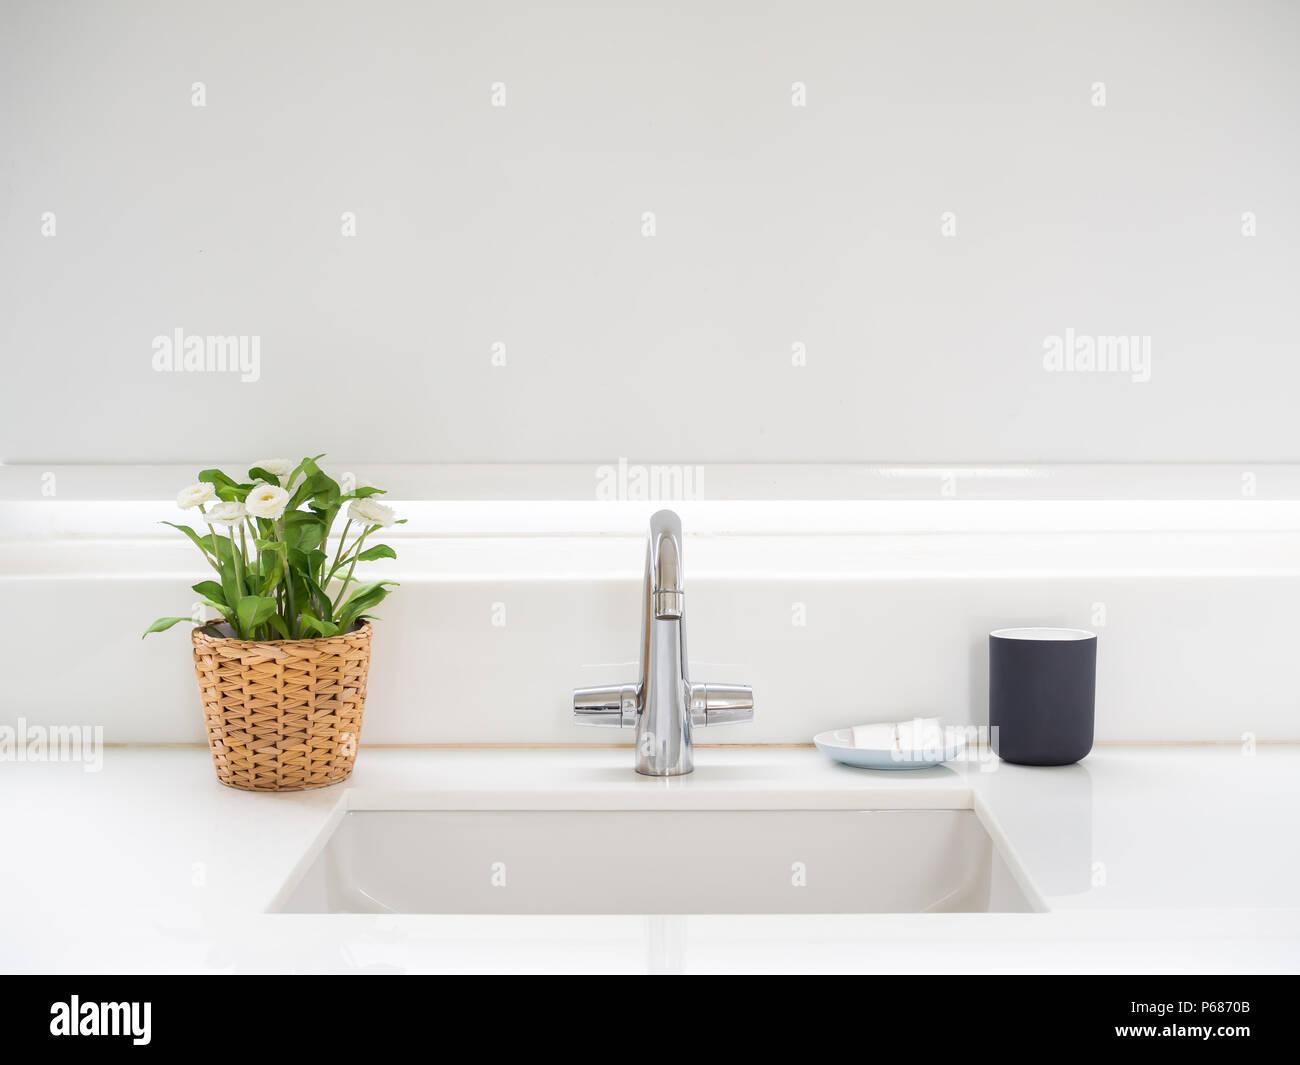 Bianco pulito il bagno interno con vasca lavello rubinetto fiori